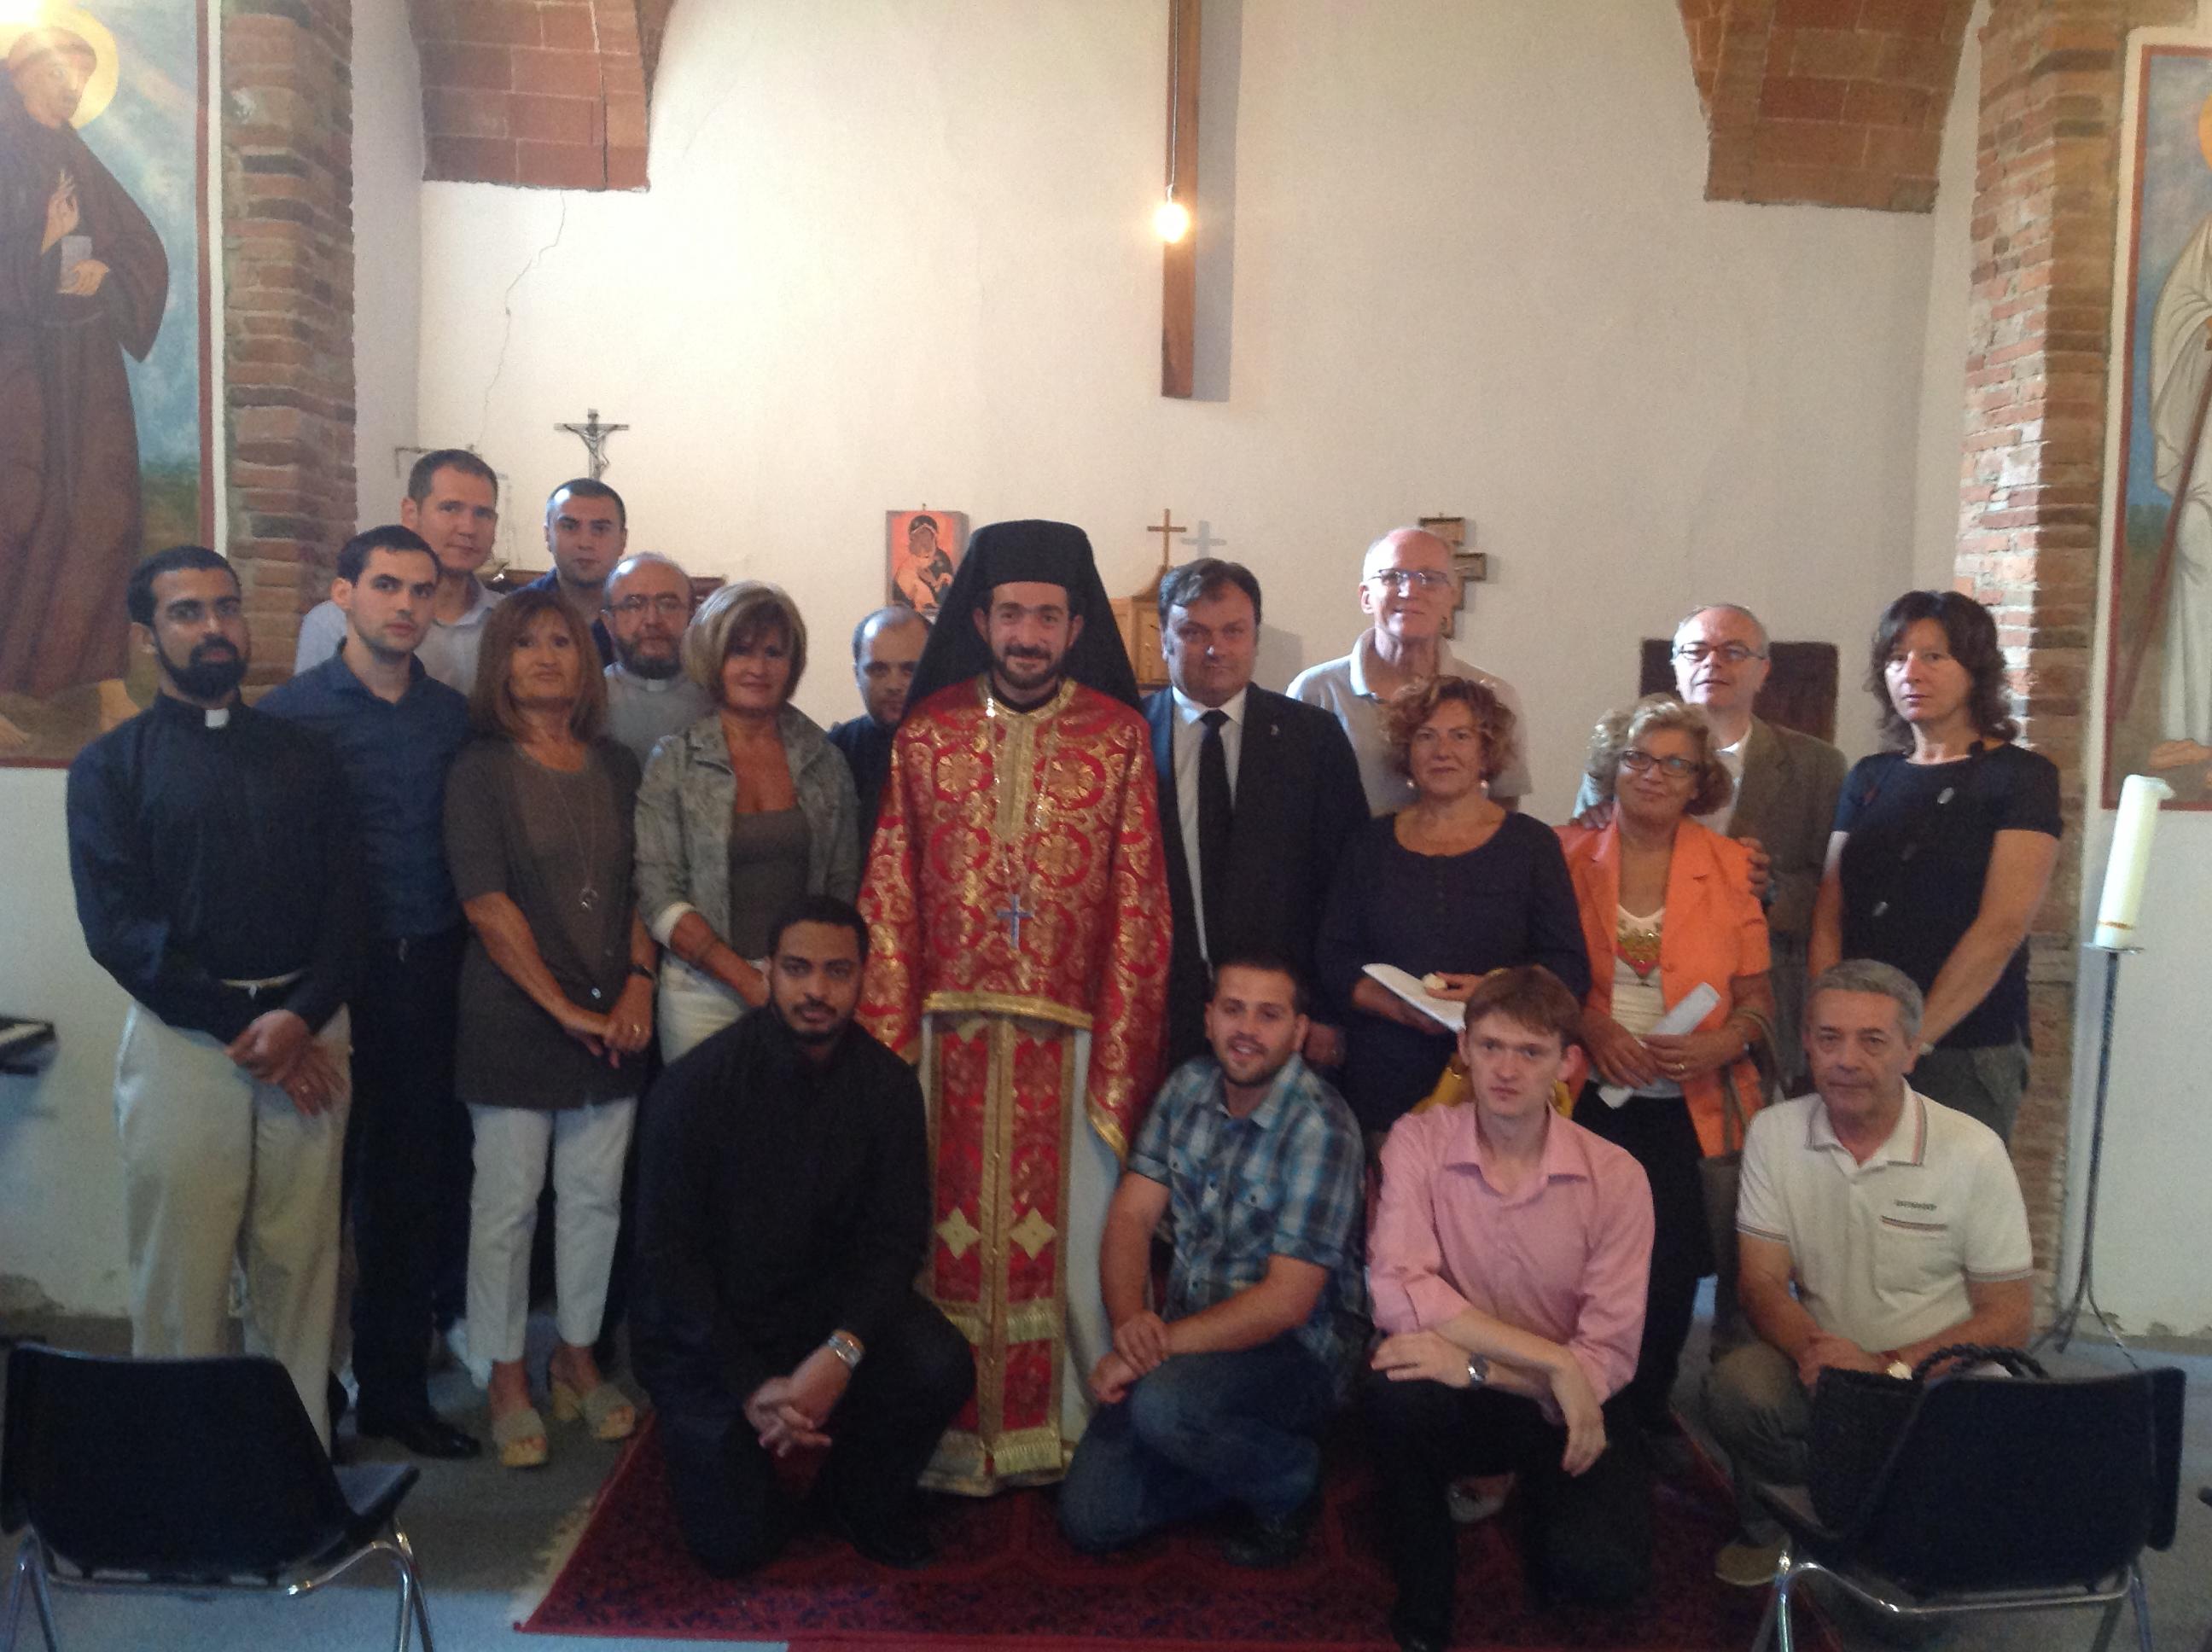 Insieme nella preghiera. A Rondine la celebrazione dell'Assunzione secondo il calendario ortodosso